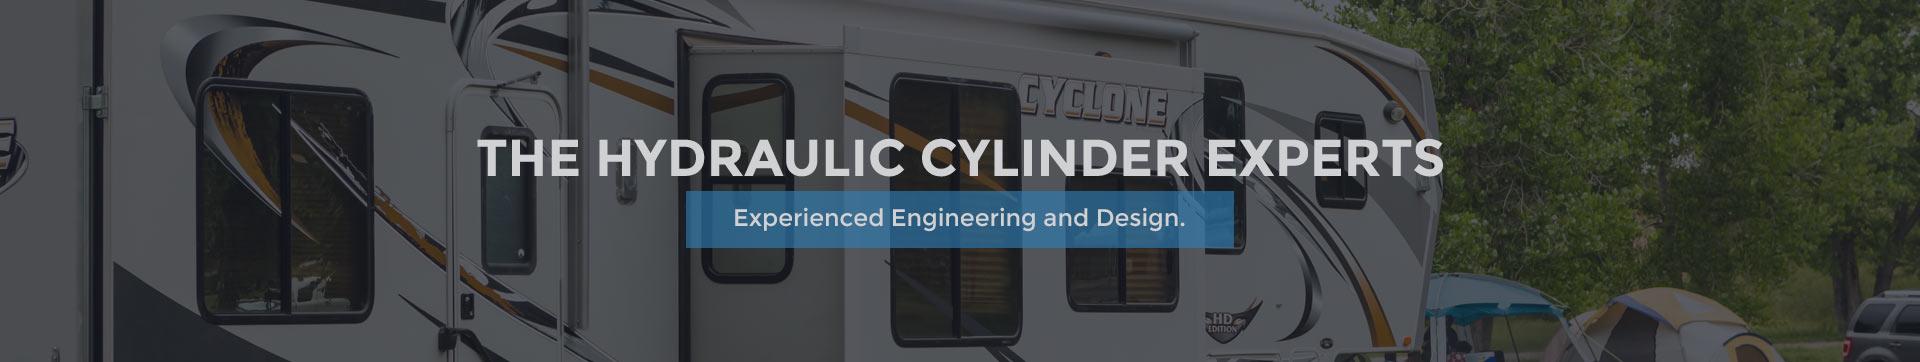 RV Hydraulic Cylinders